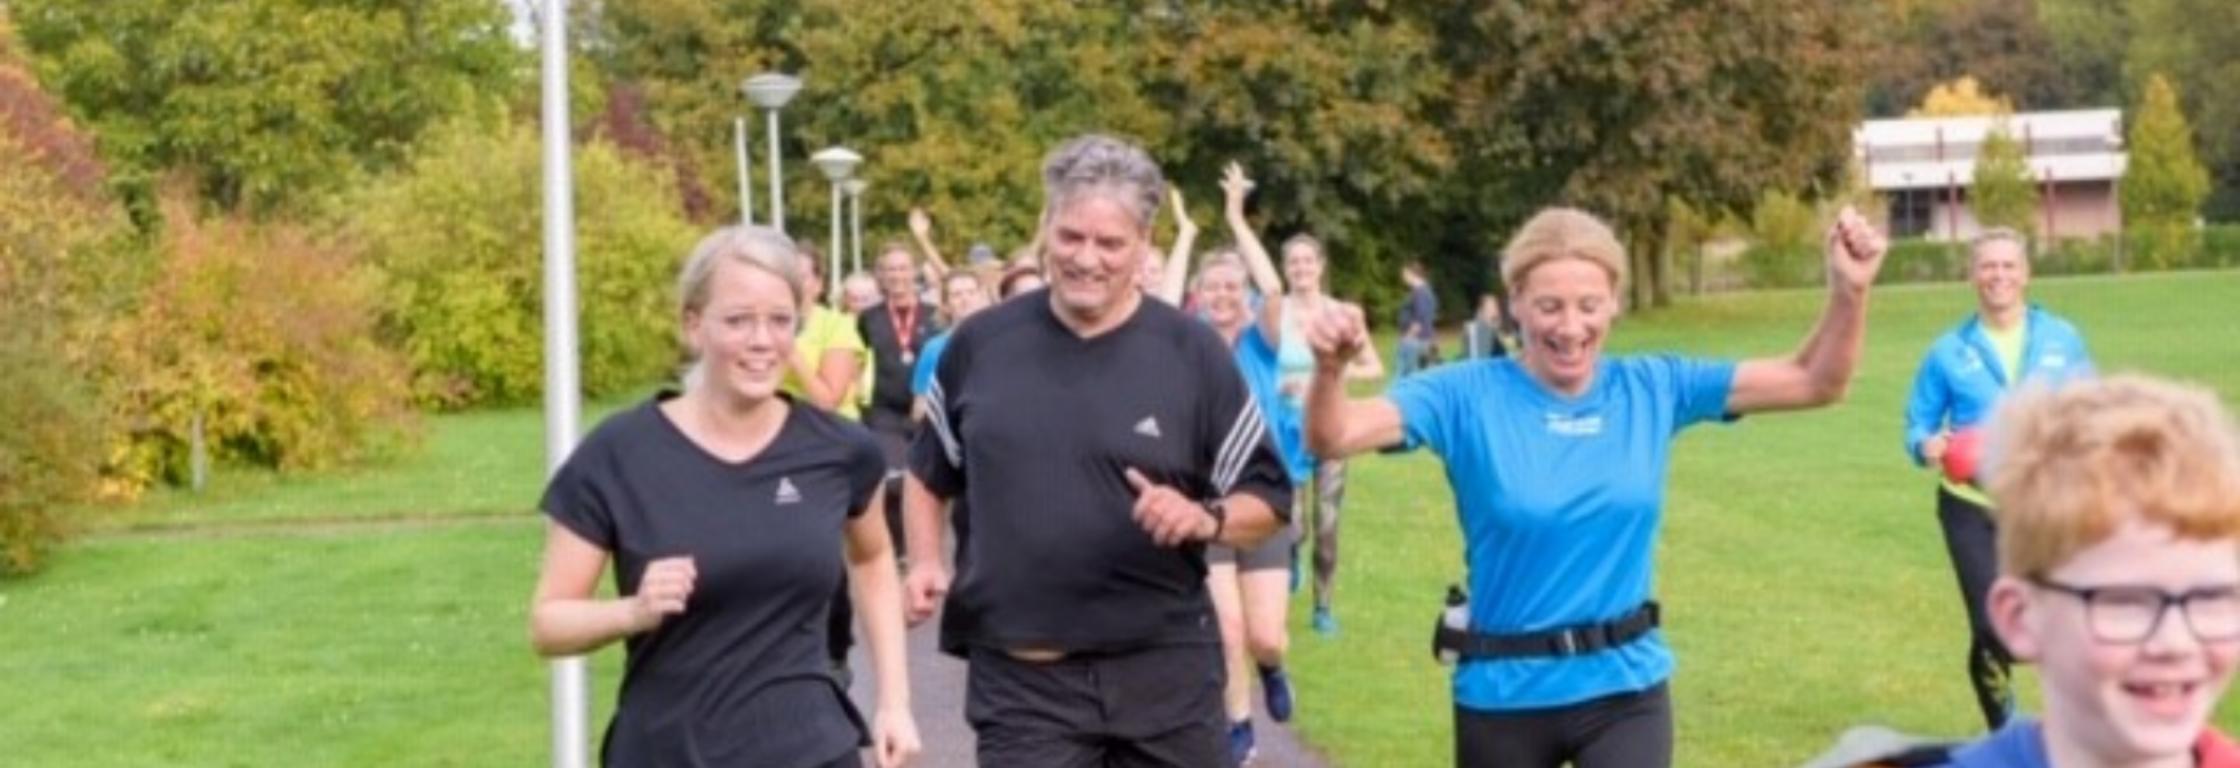 Gijs de Loos: Iedereen kan blijven hardlopen!